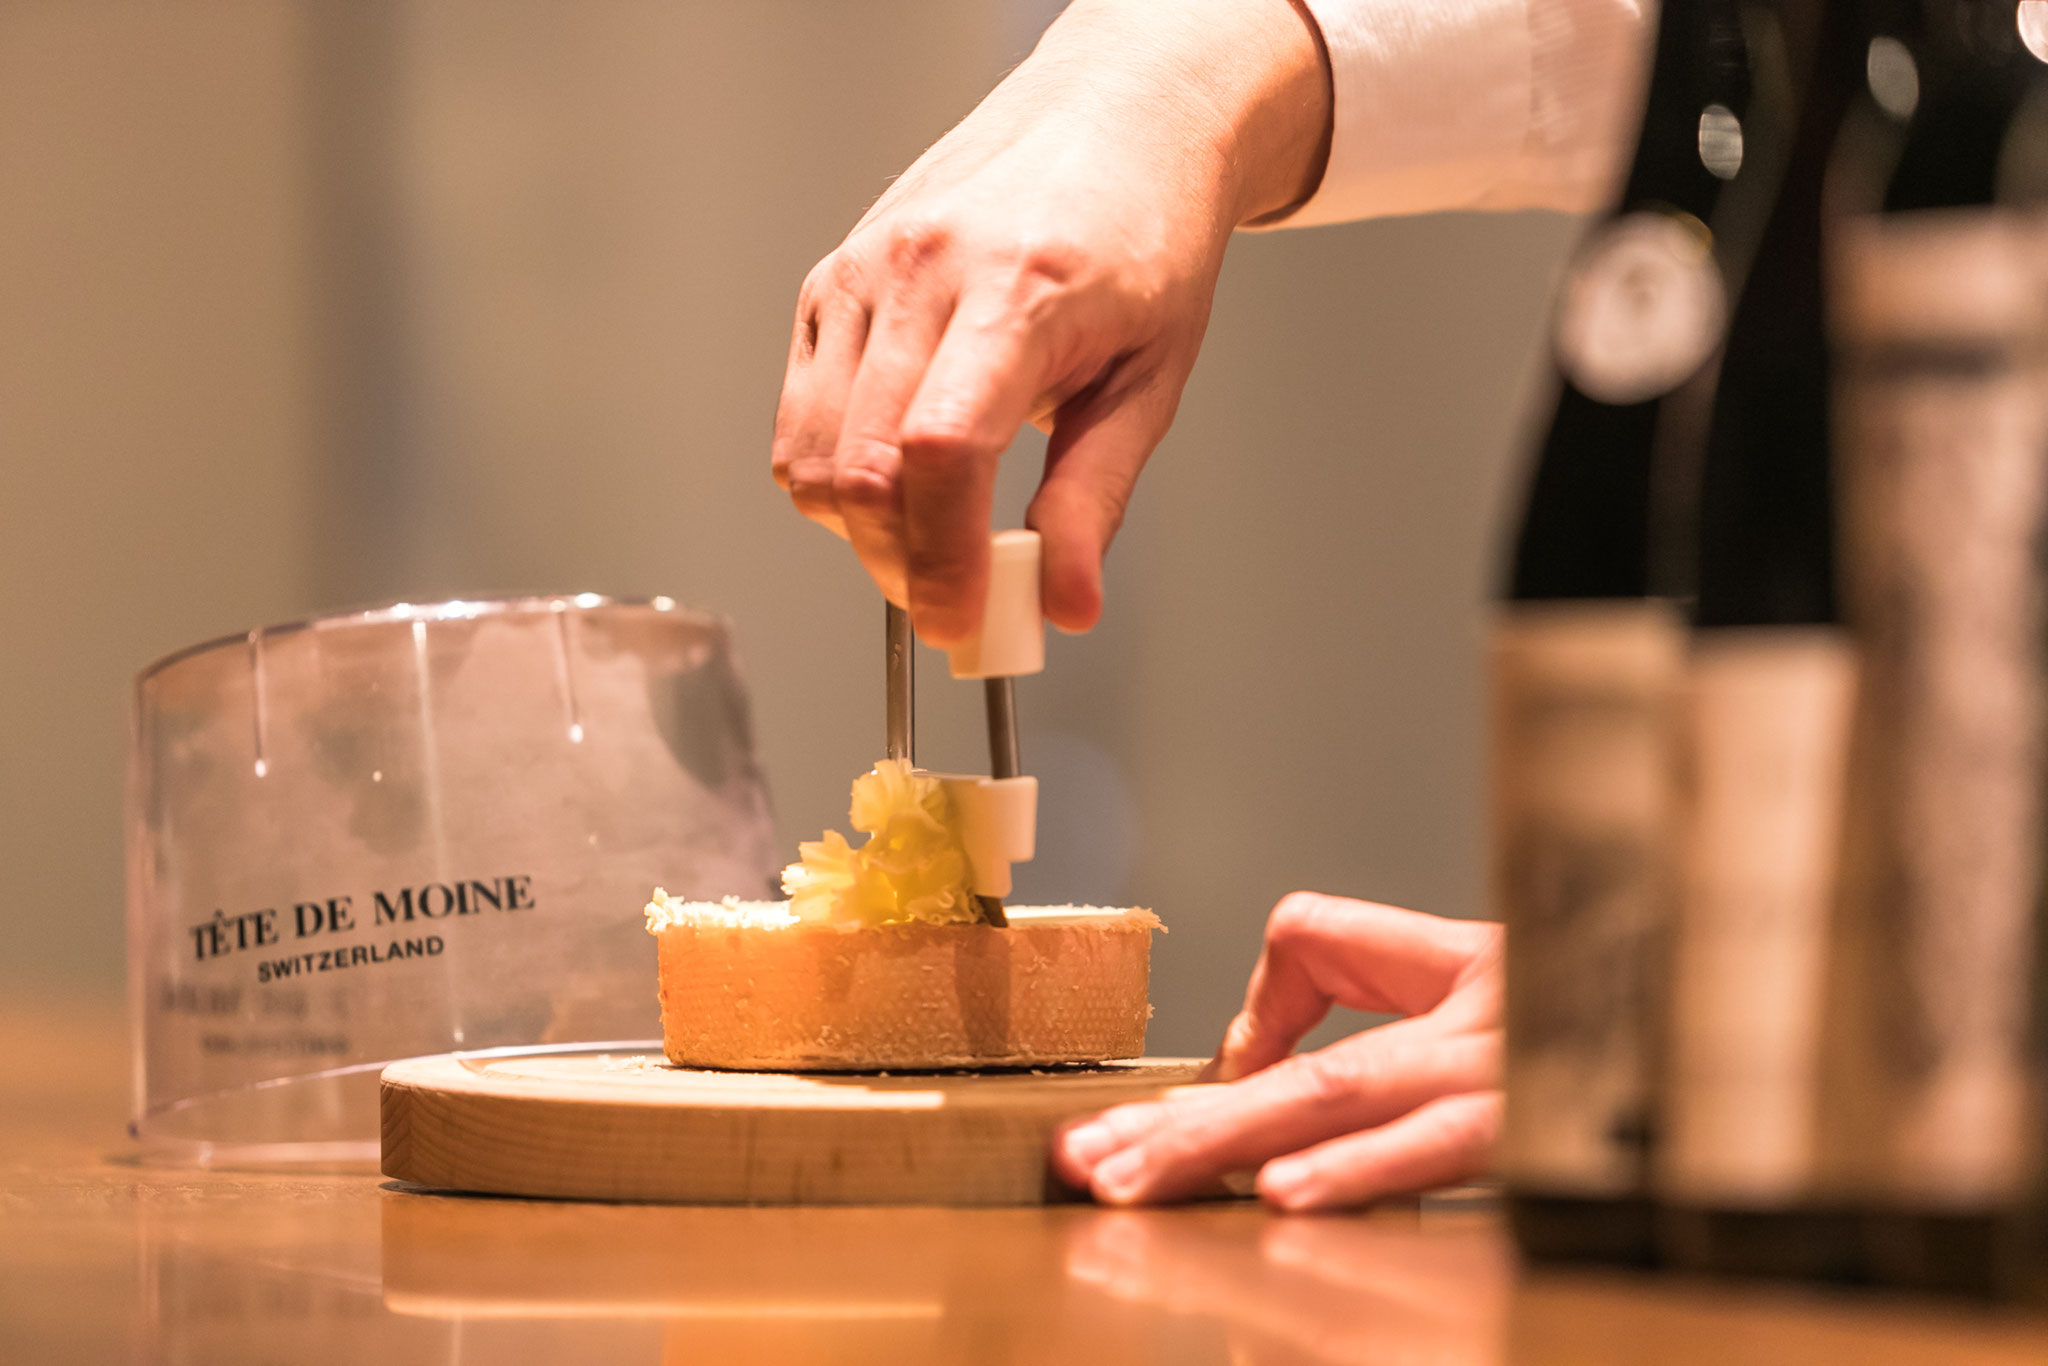 チーズは毎月店主みずからセレクトし、世界各国から取り寄せています。